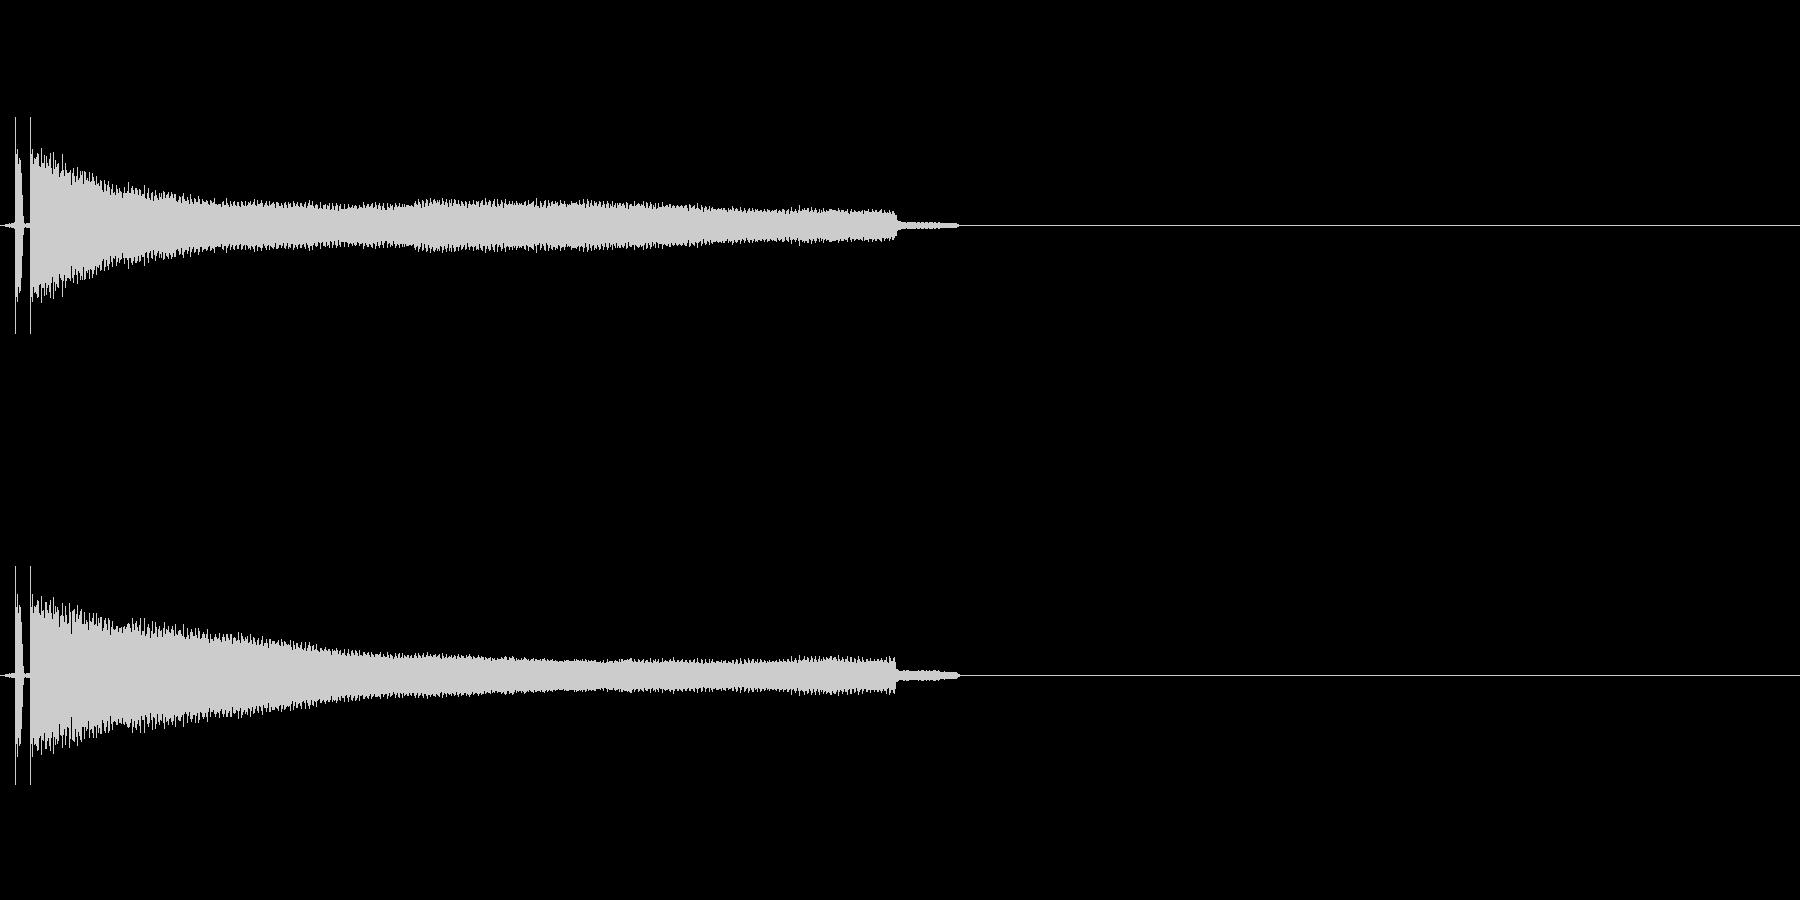 キーン 耳鳴りの音の未再生の波形